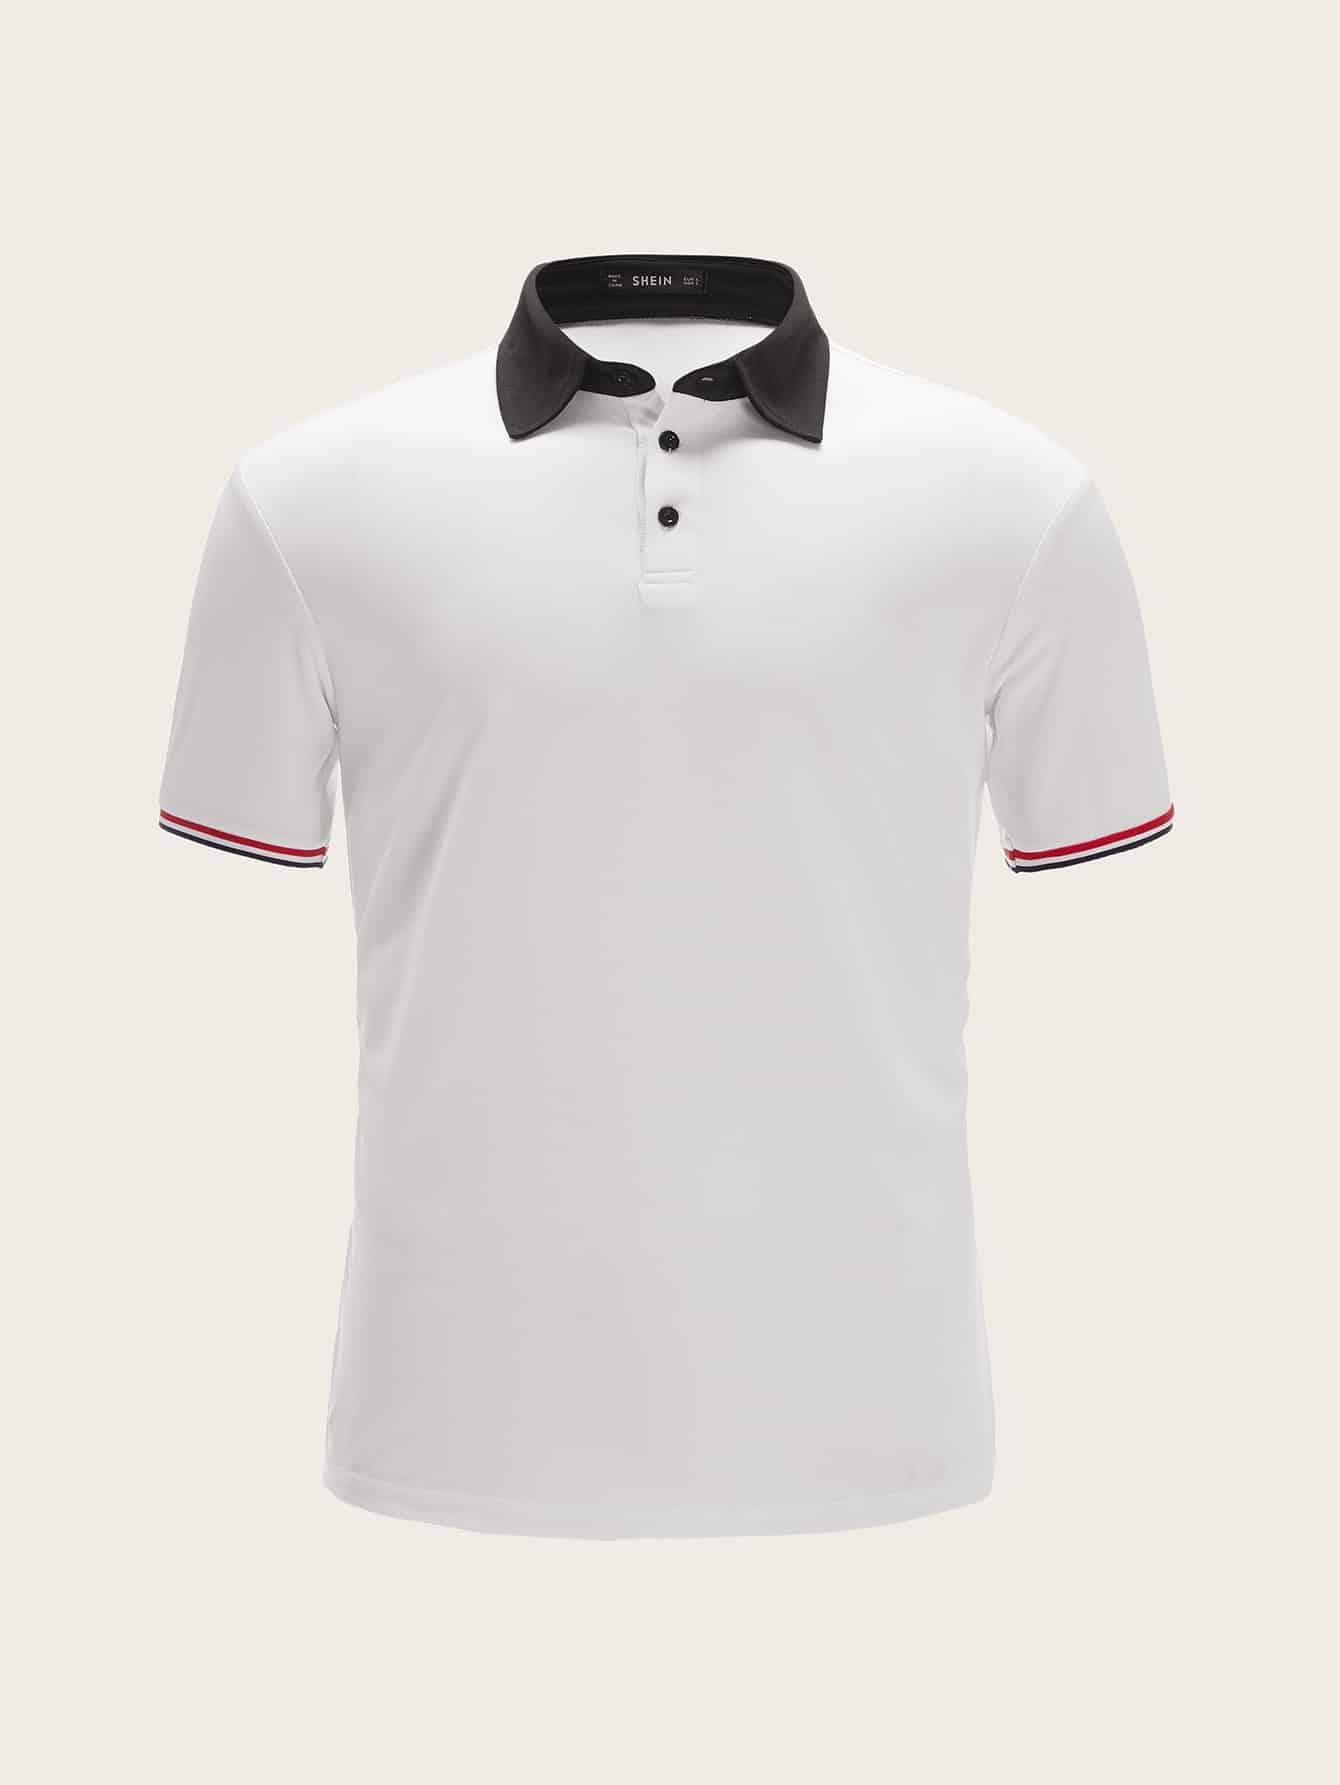 Купить Мужская рубашка-поло с контрастным воротником и полосатой манжетой, null, SheIn